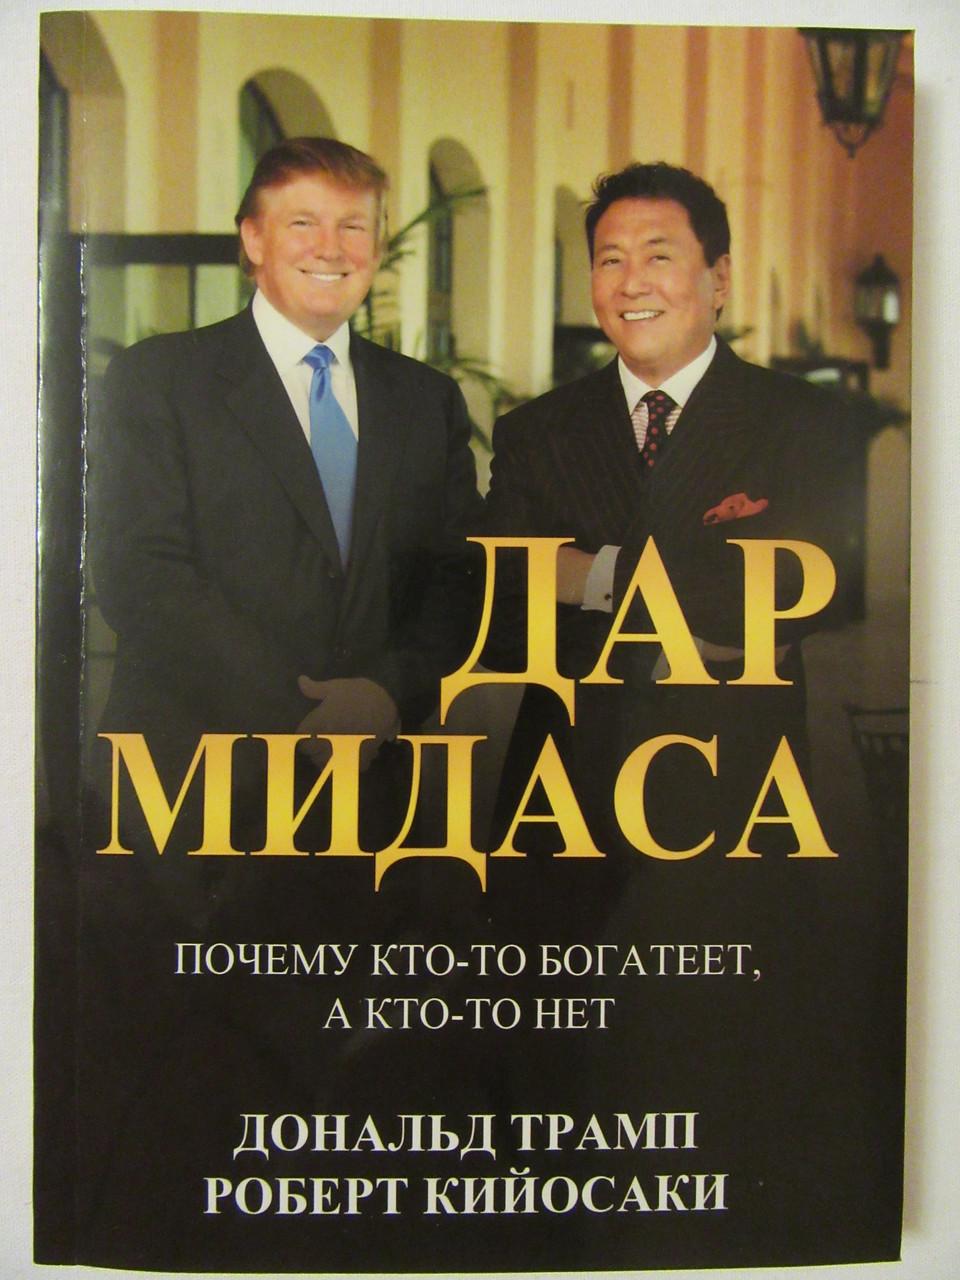 Дональд Трамп, Роберт Кийосаки. Дар Мидаса